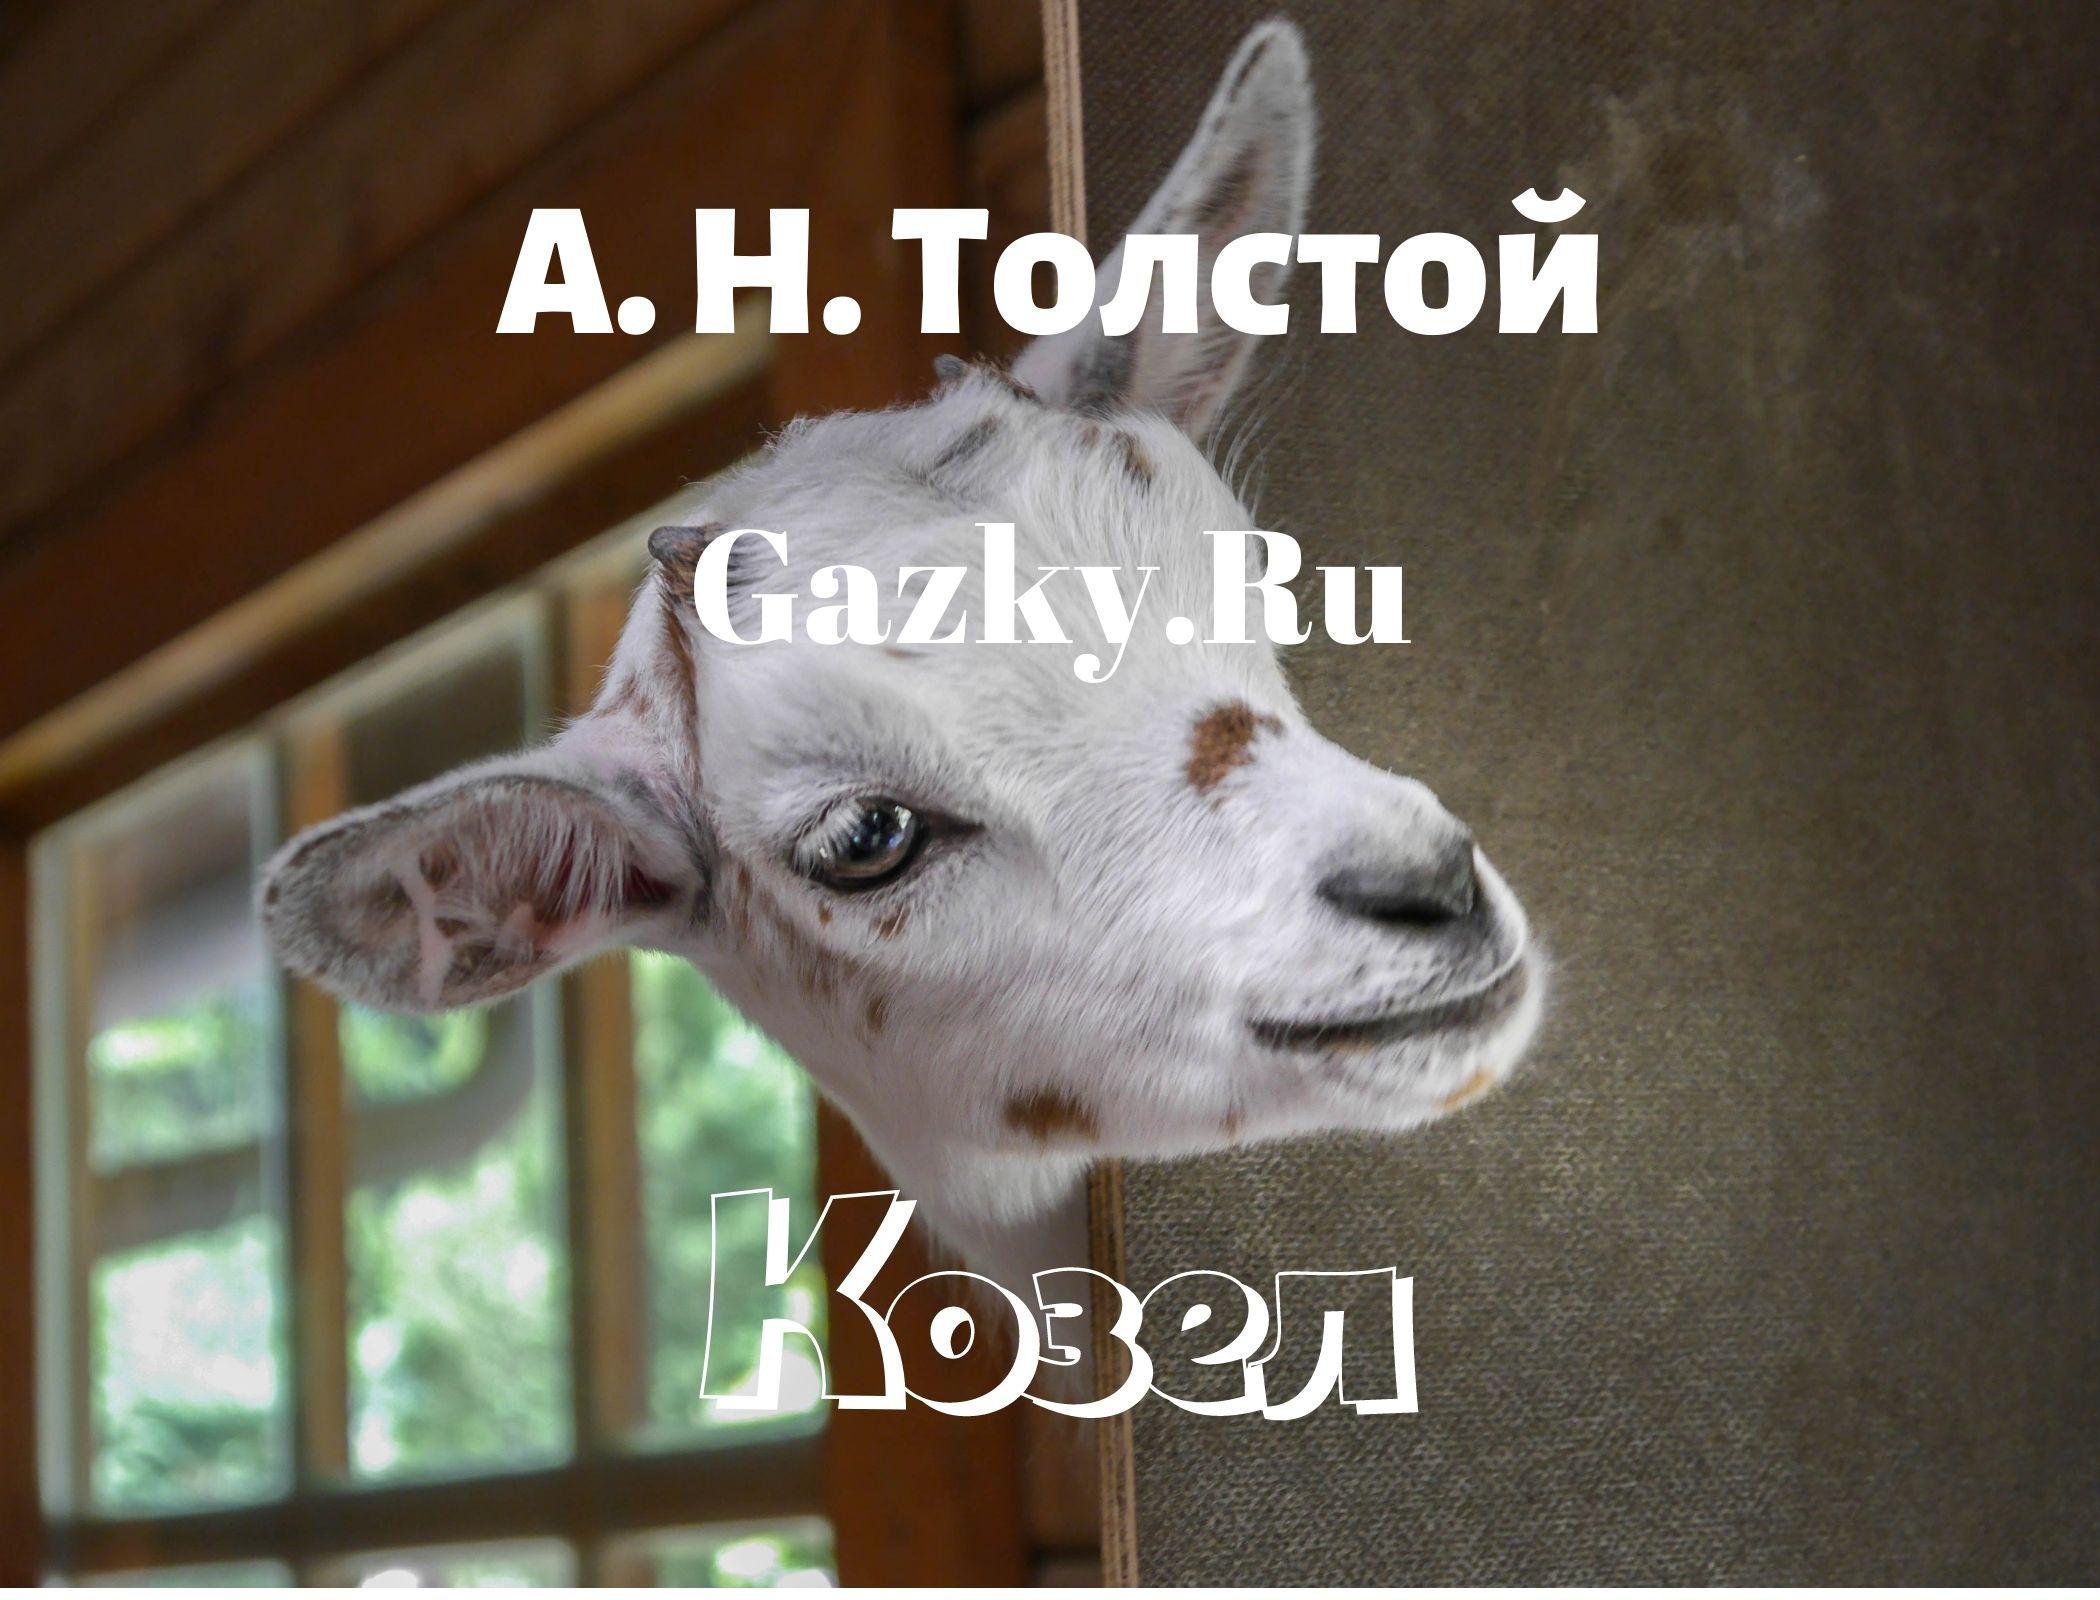 """Сказка Толстого А. Н. """"Козел"""""""